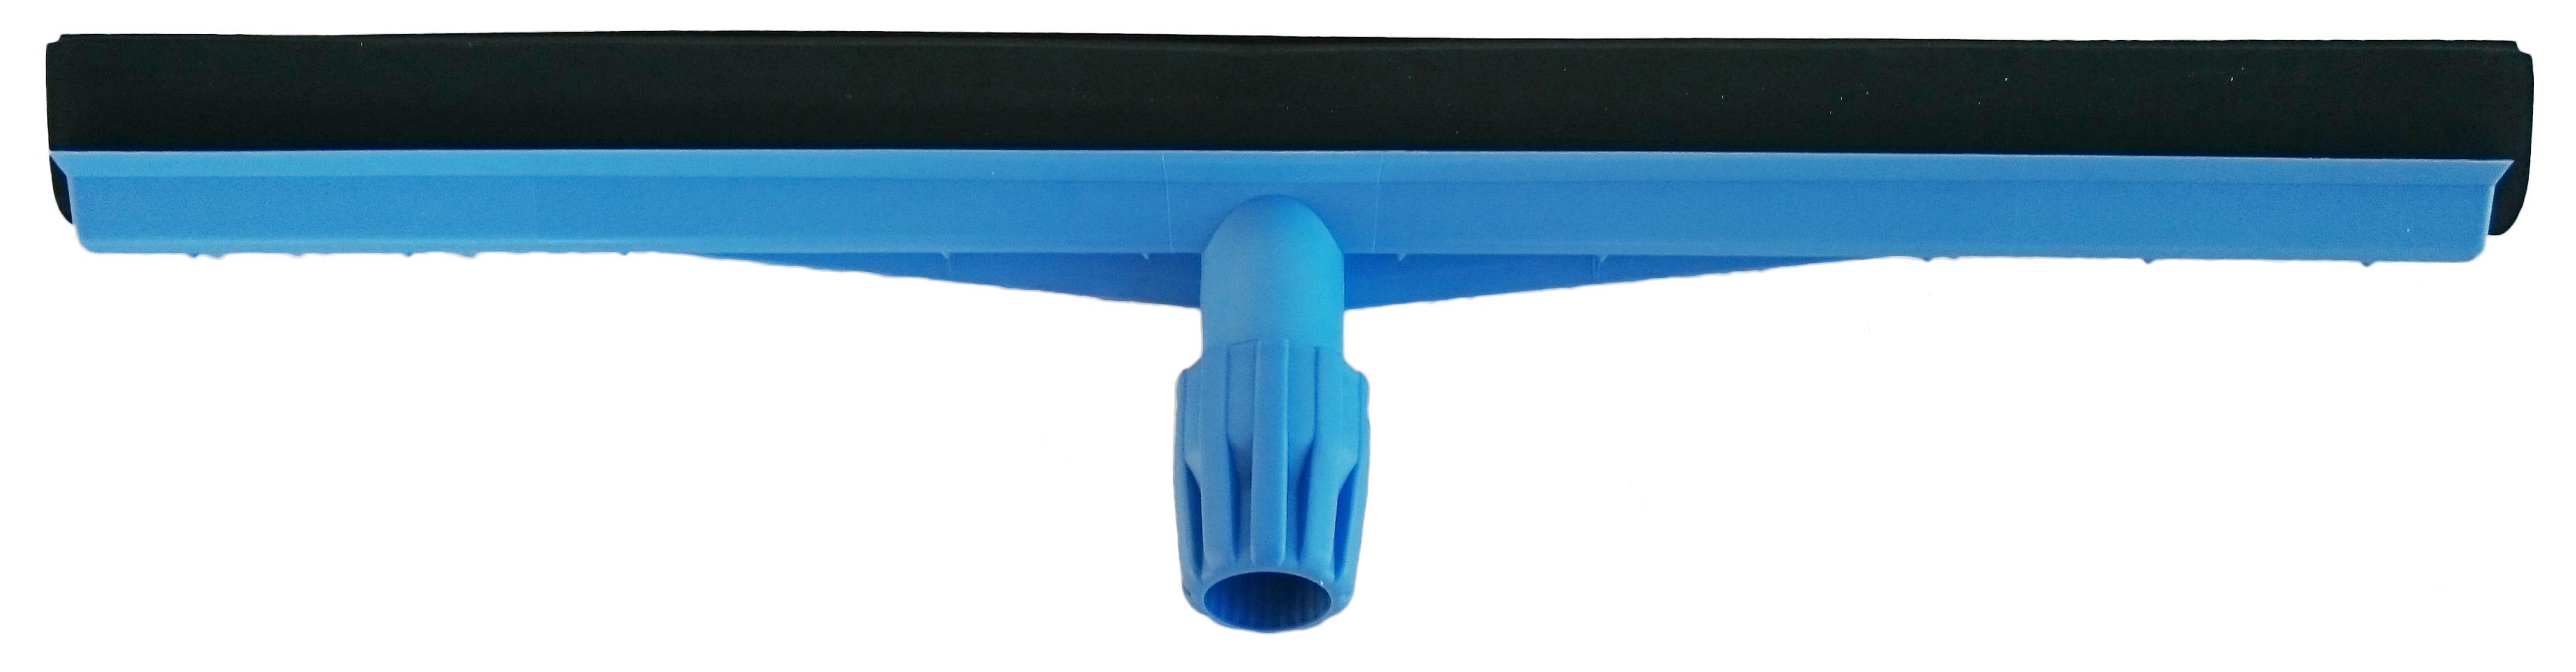 wasserabzieher bodenabzieher abzieher wasserschieber 55 cm. Black Bedroom Furniture Sets. Home Design Ideas